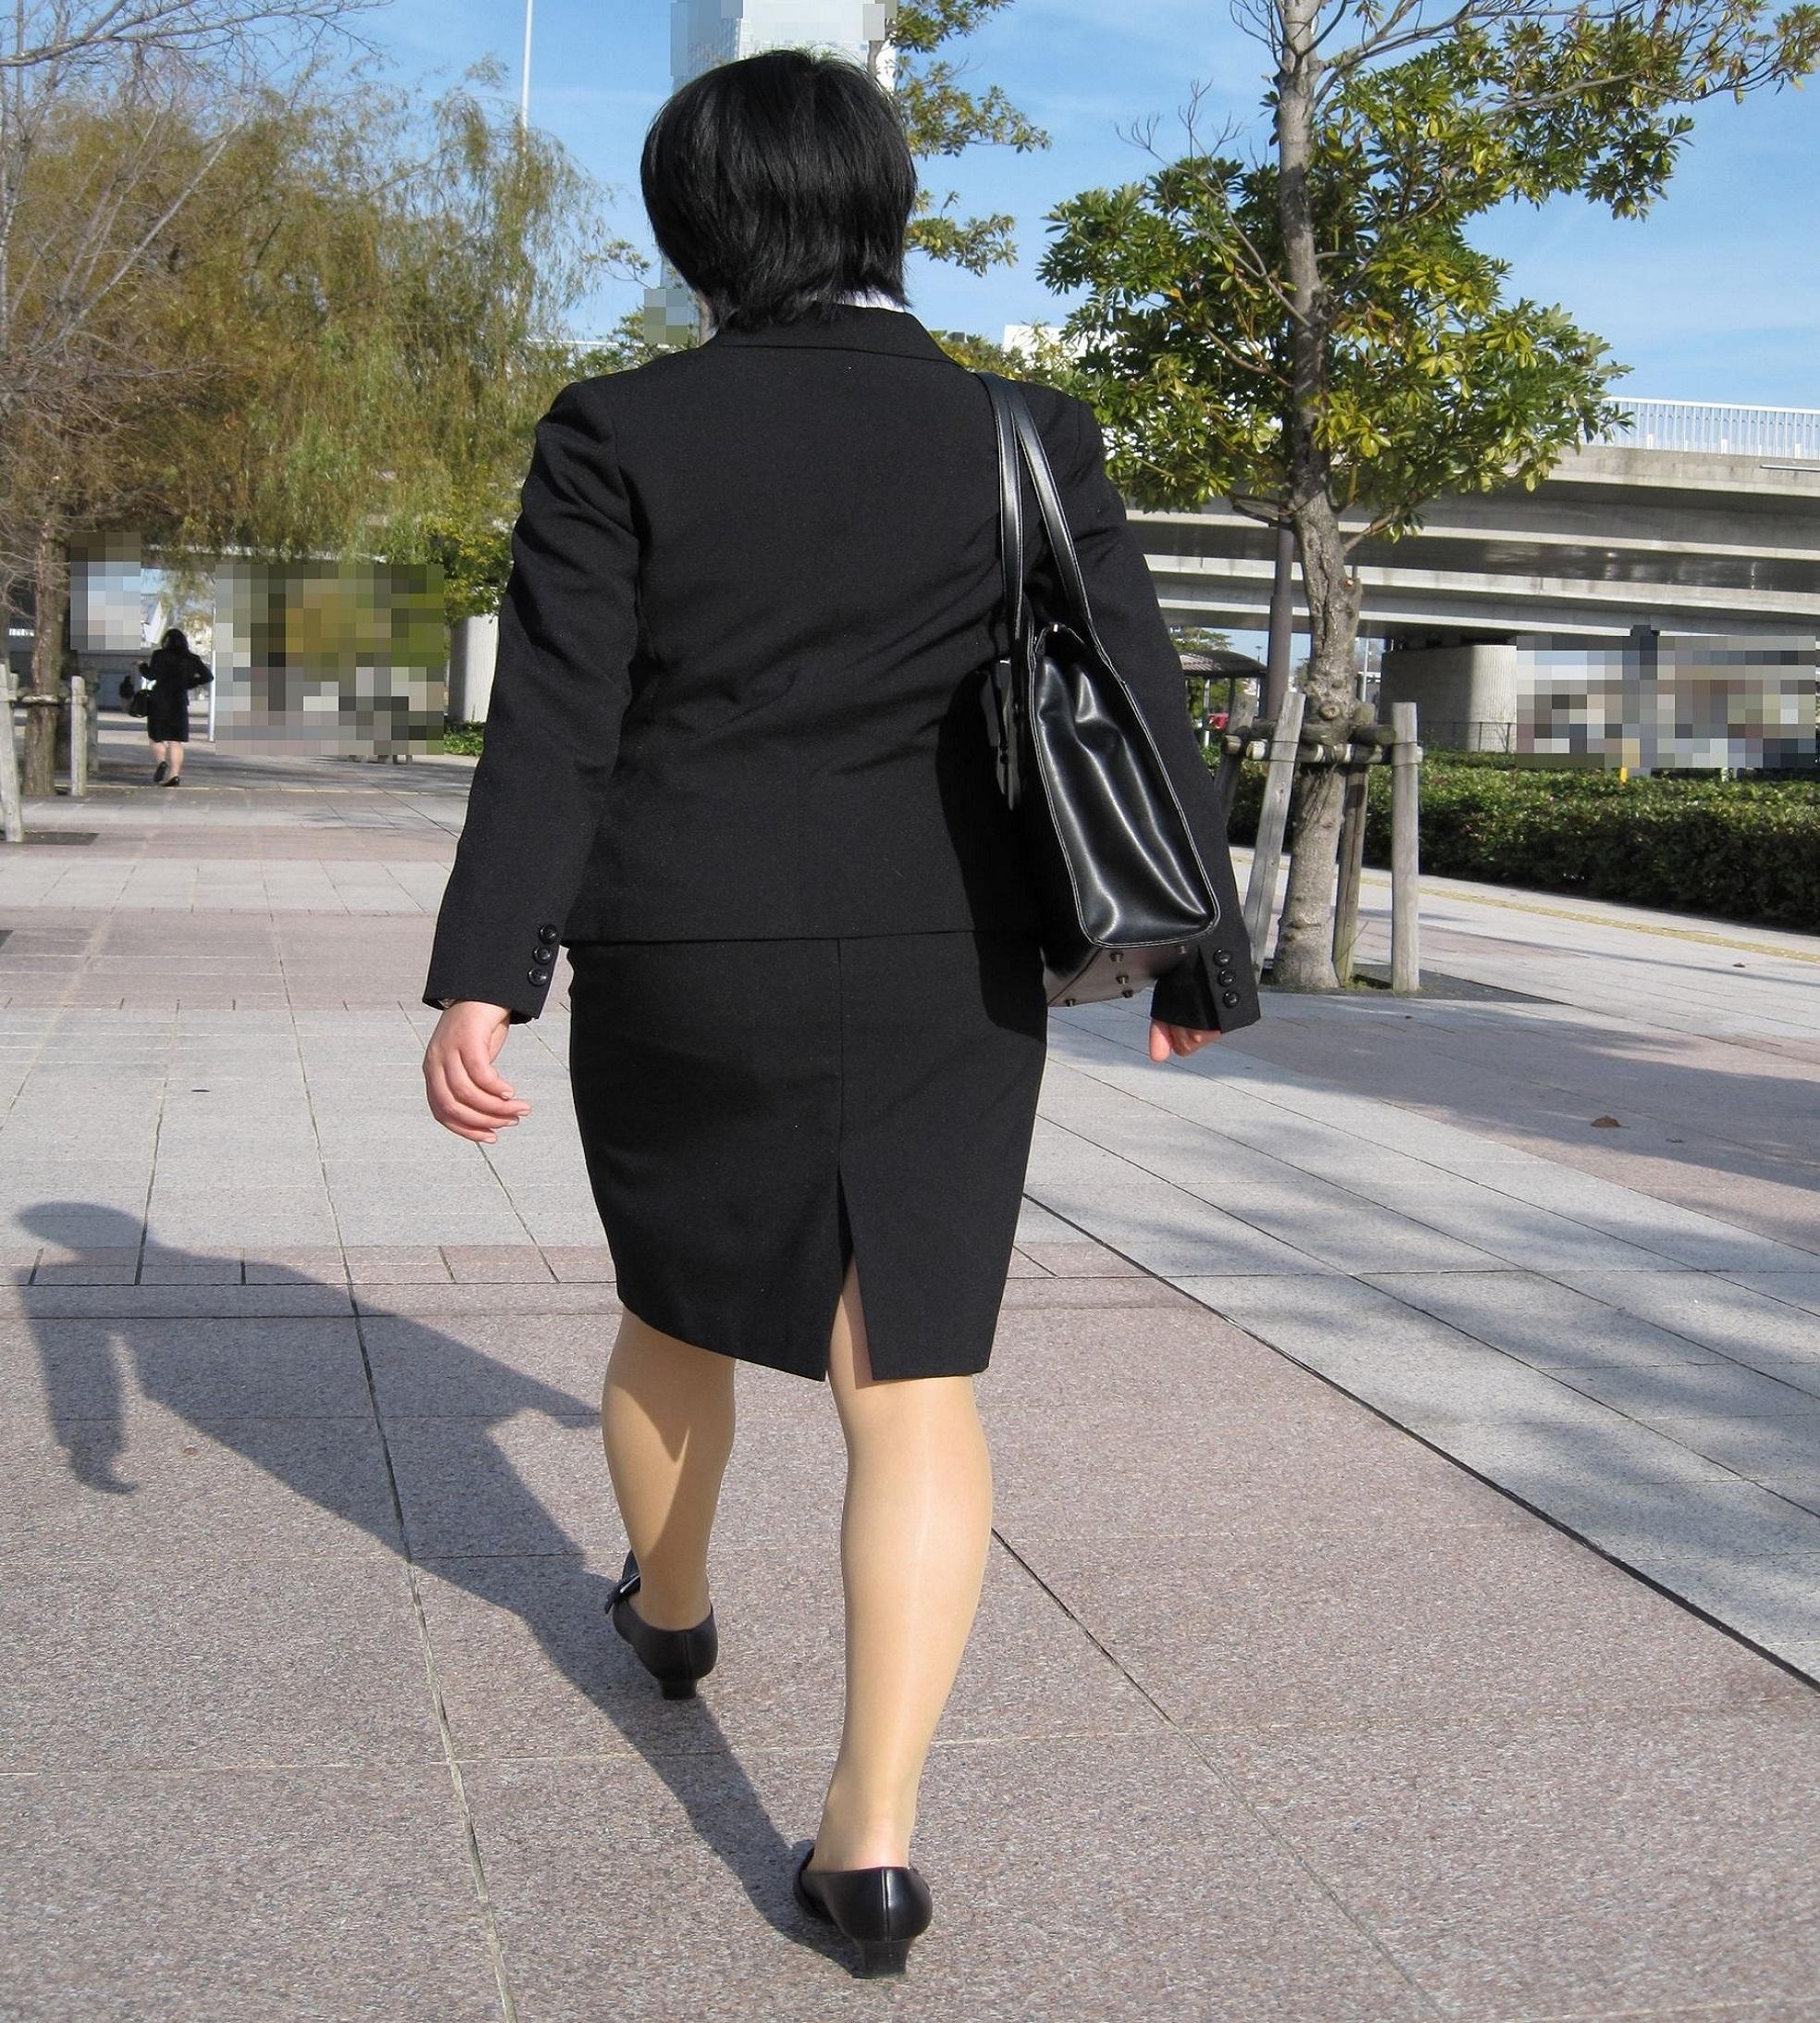 【街撮りスーツ画像】外回り女子のタイトに包まれたムッチリエロ尻追いかけてwww 16